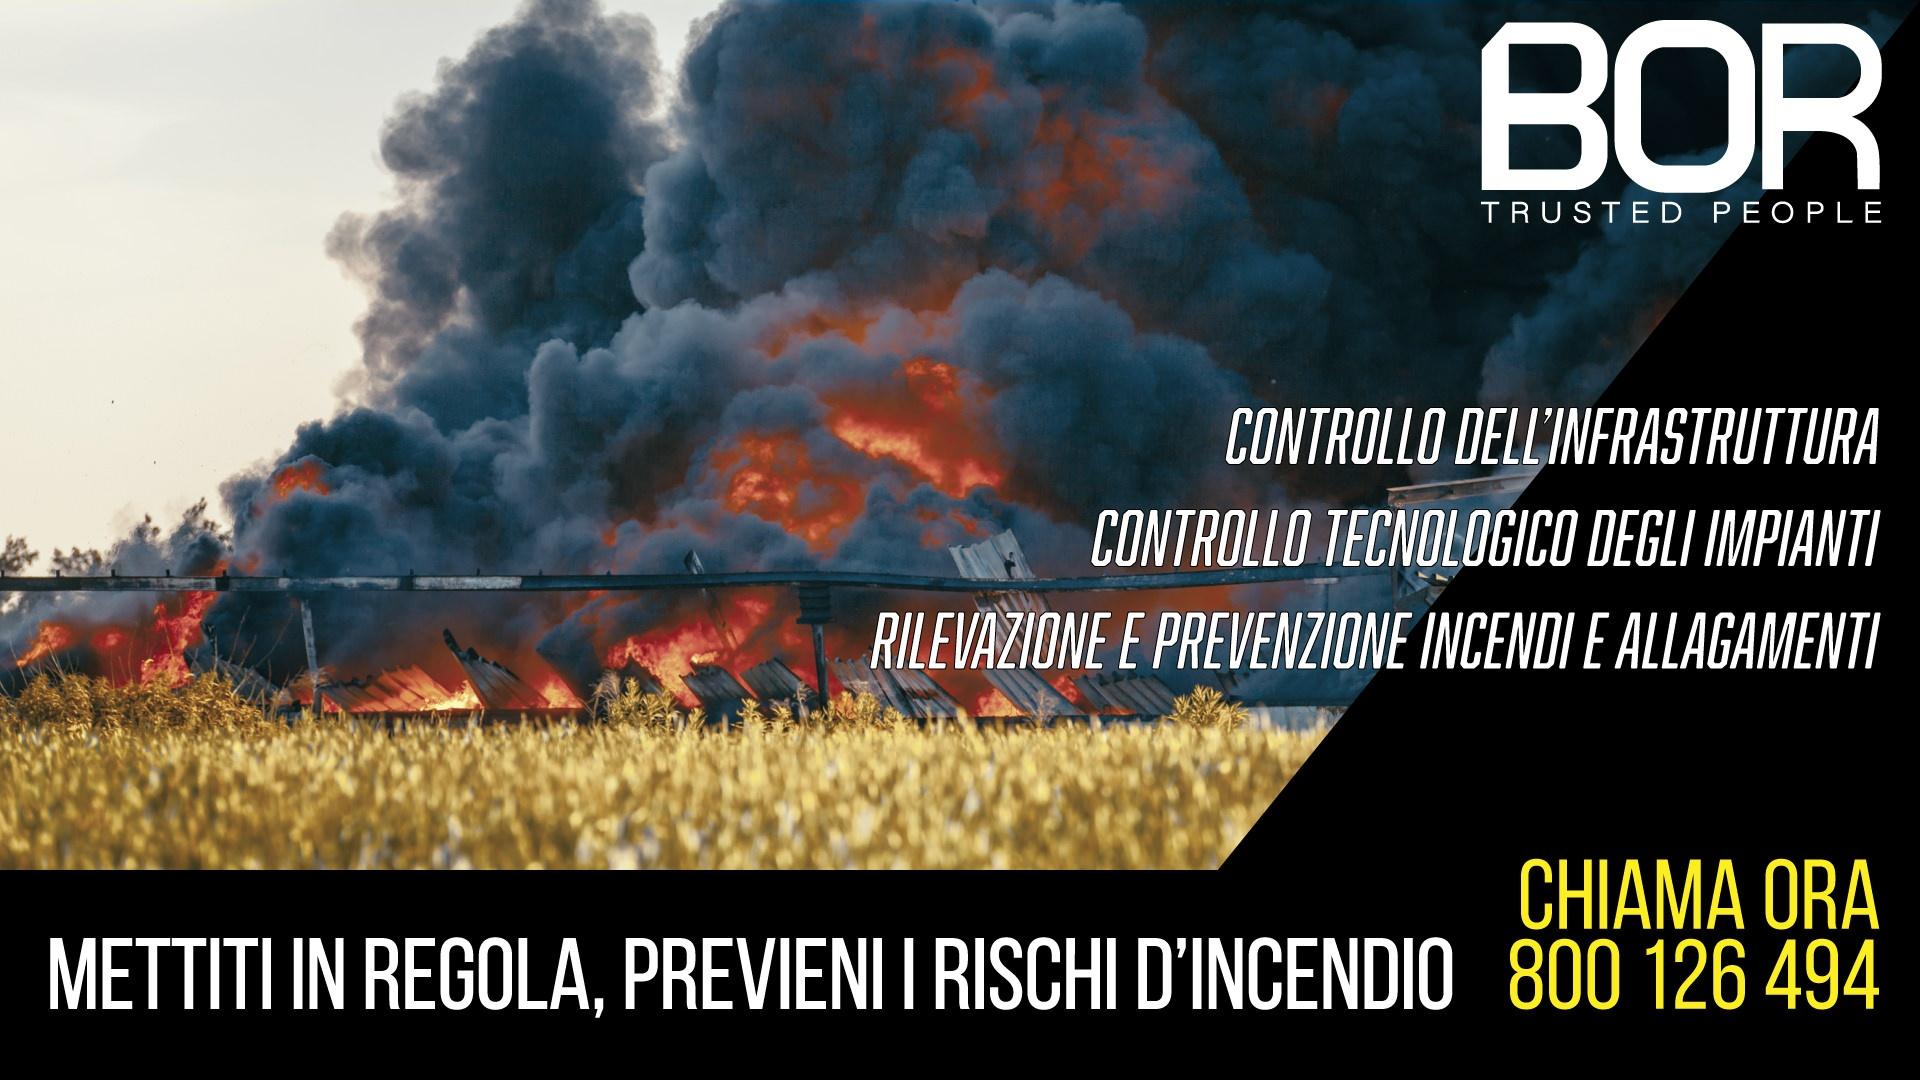 Prevenzione incendi: le disposizioni Ministeriali introducono l'obbligo di installazione di impianti audiovisivi e tecnologici per gli impianti di gestione dei rifiuti